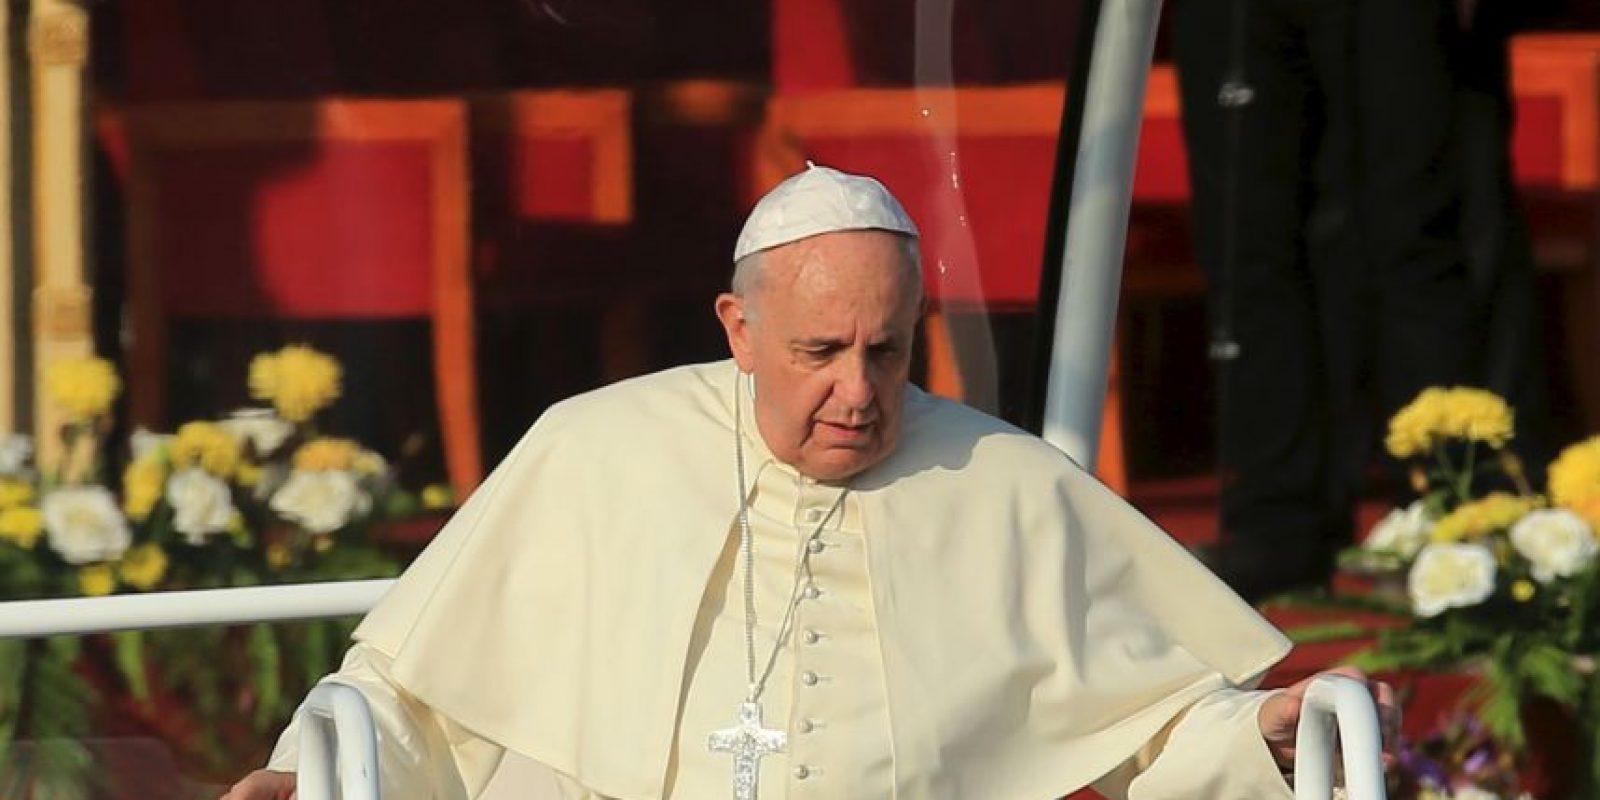 De acuerdo con el vocero del Vaticano, Federico Lombardi el Papa requiere ayuda para su movilidad. Foto:Getty Images